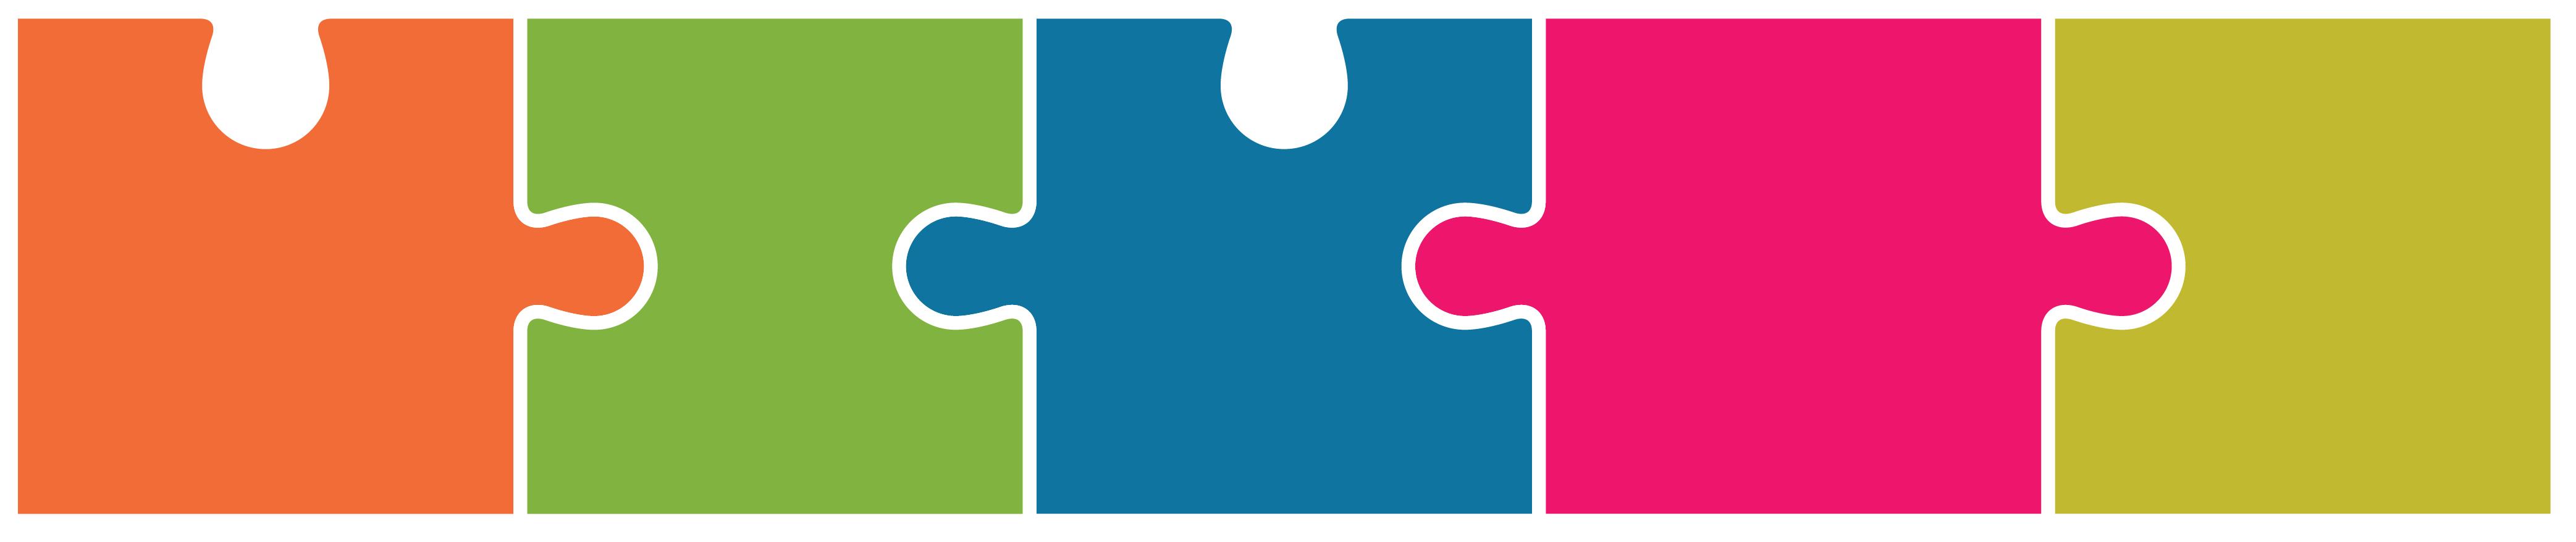 """Piezas de rompecabezas de colores - Proyecto """"Primera infancia, prioridad impostergable"""" de CIPPEC"""